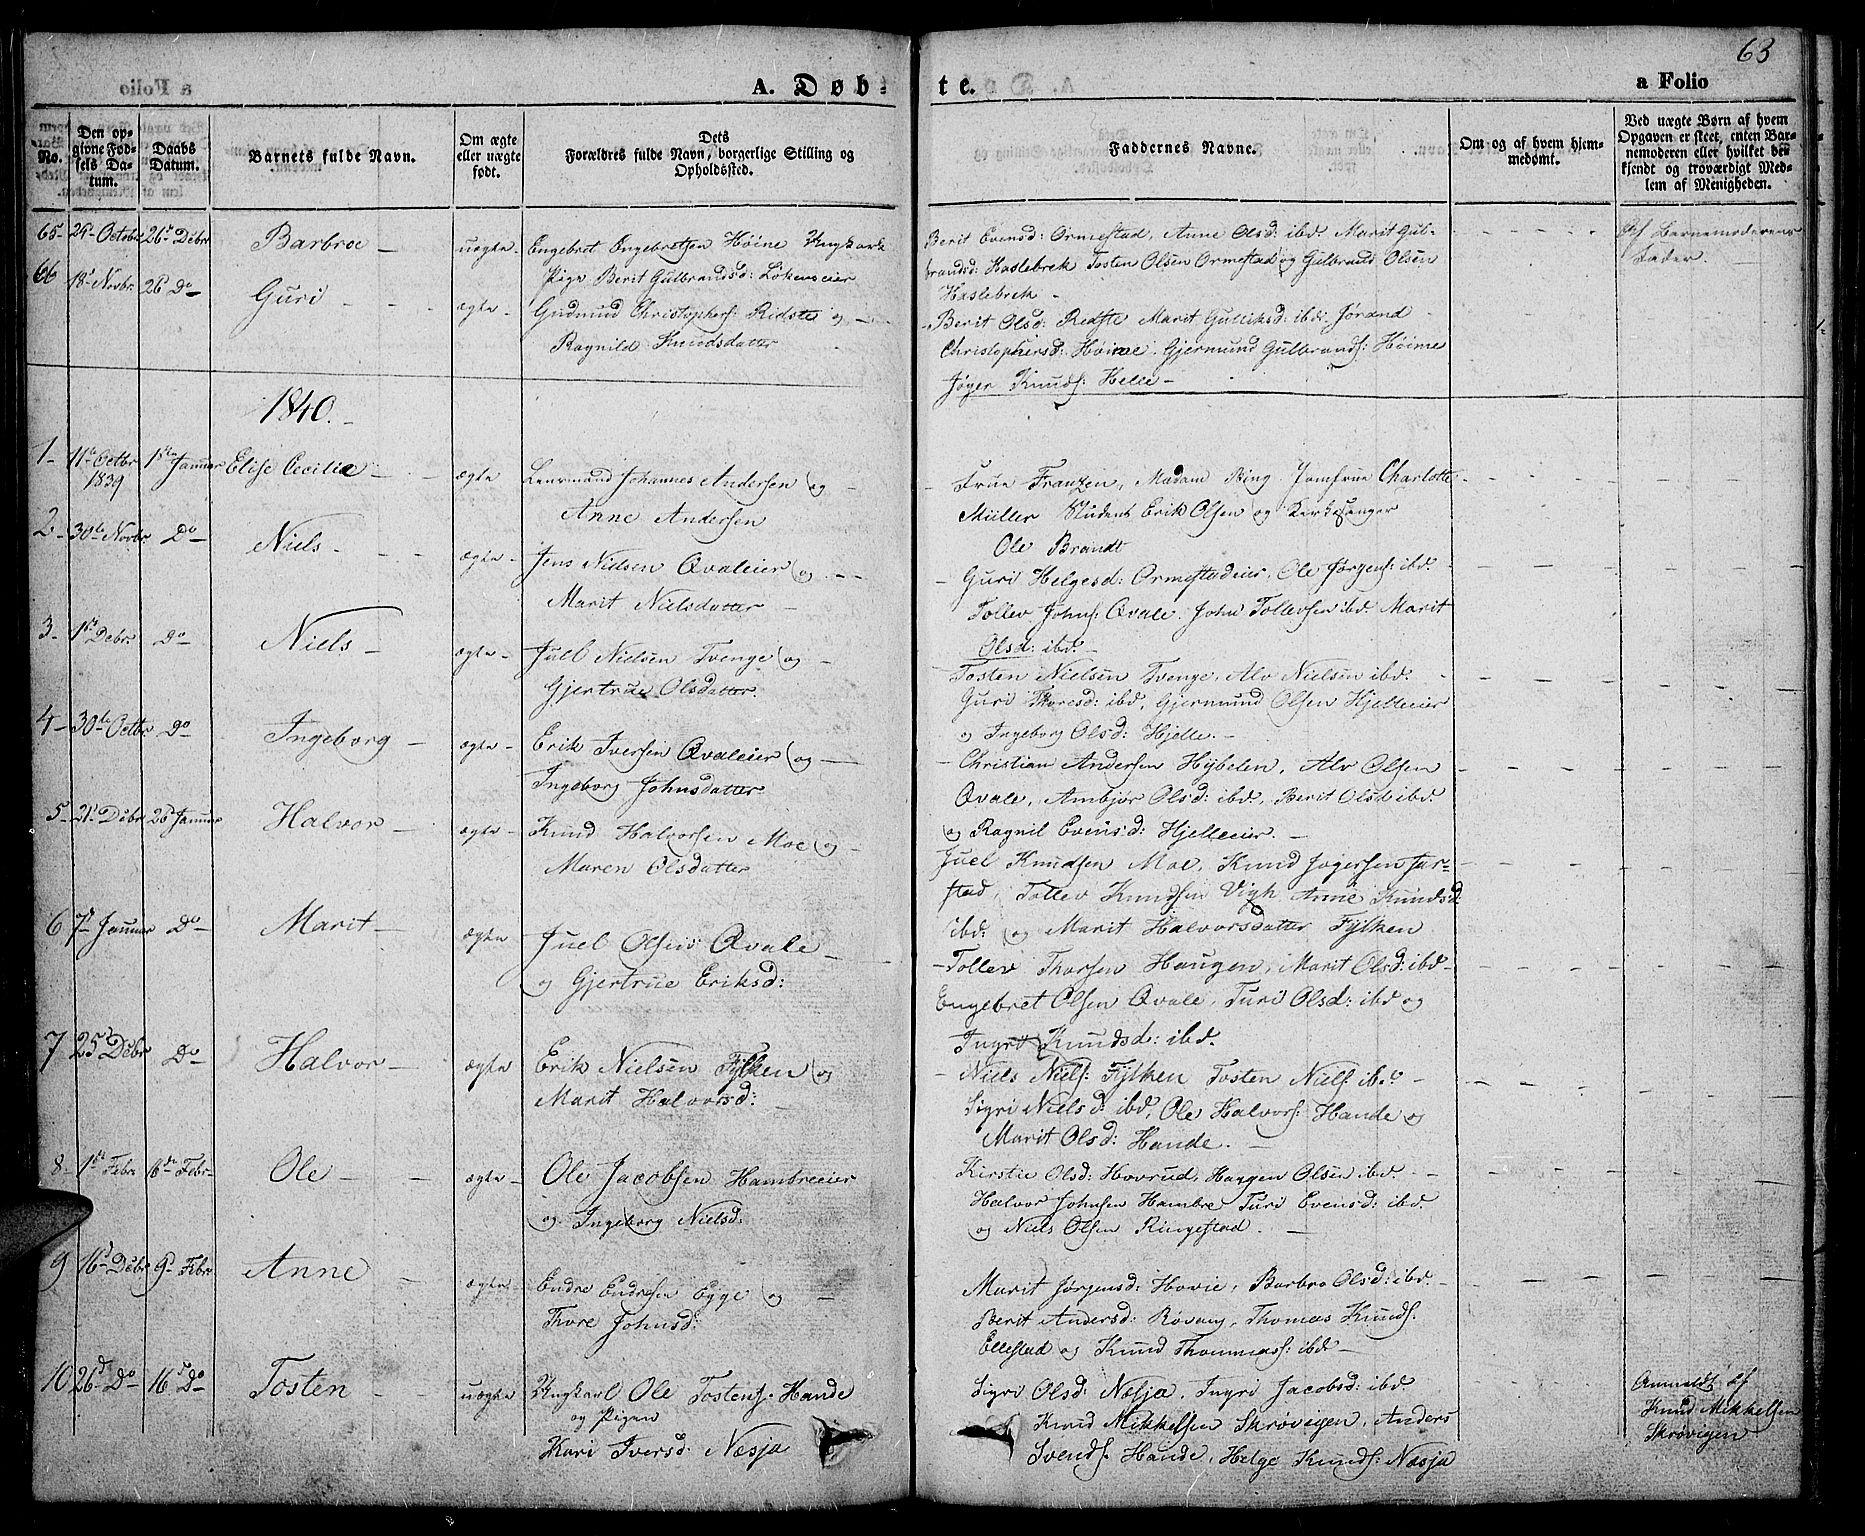 SAH, Slidre prestekontor, Ministerialbok nr. 3, 1831-1843, s. 63